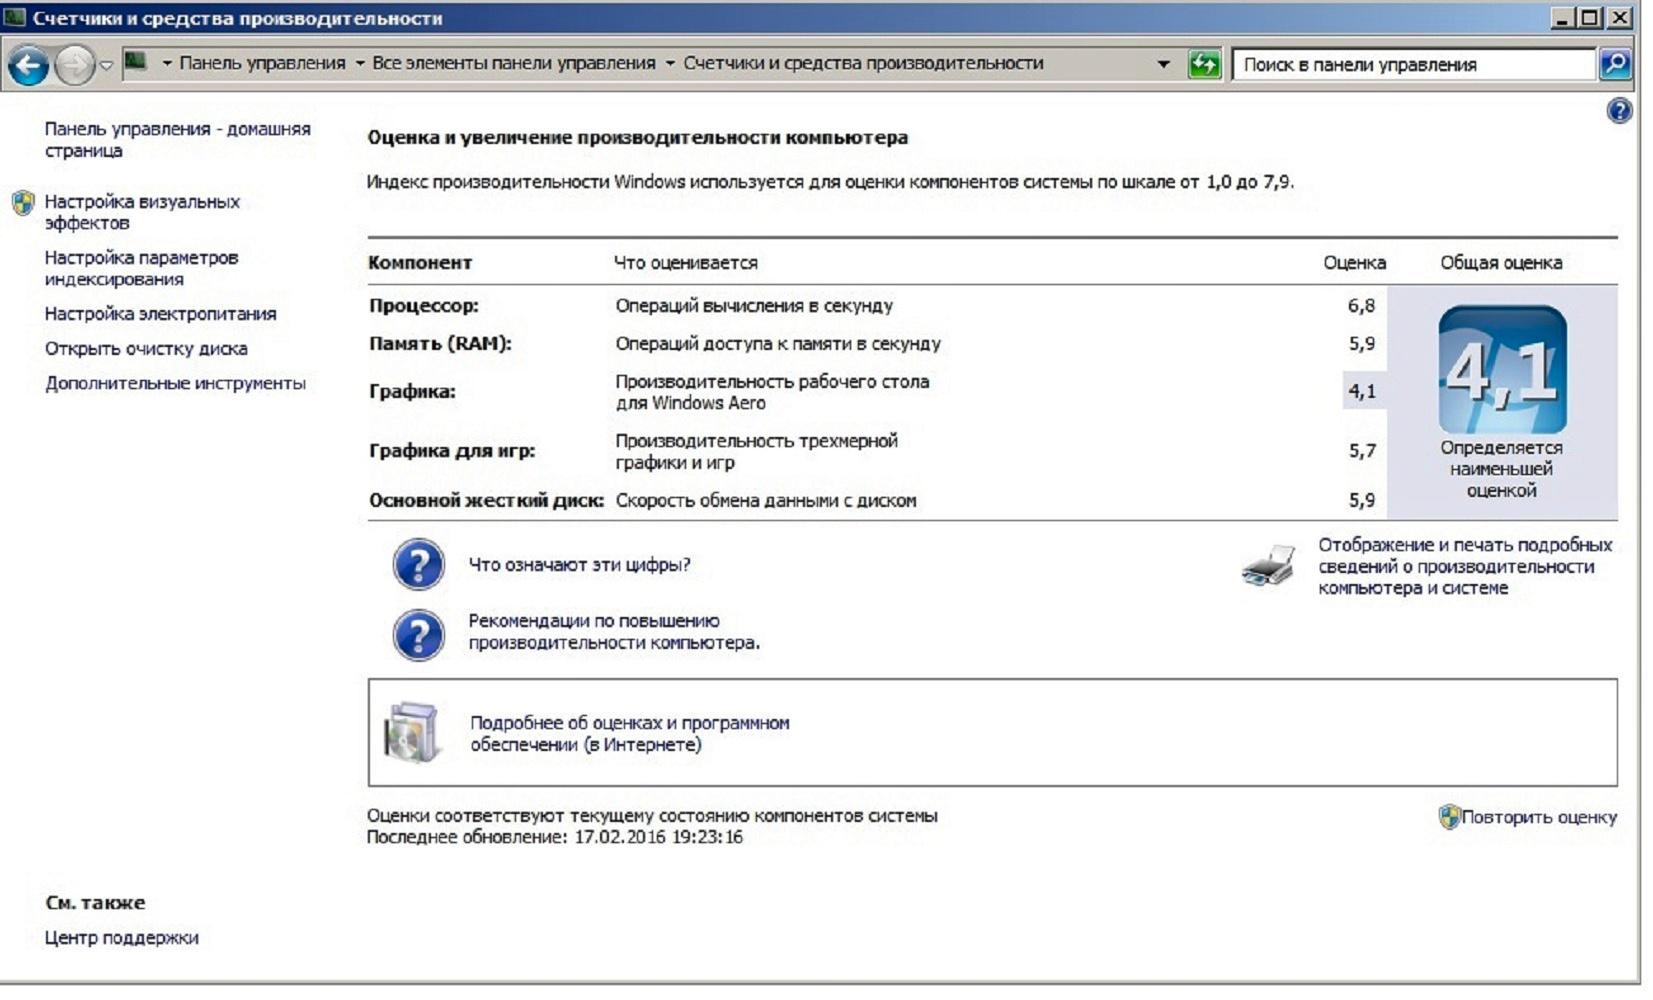 Windows 8.1 как сделать оценку производительности